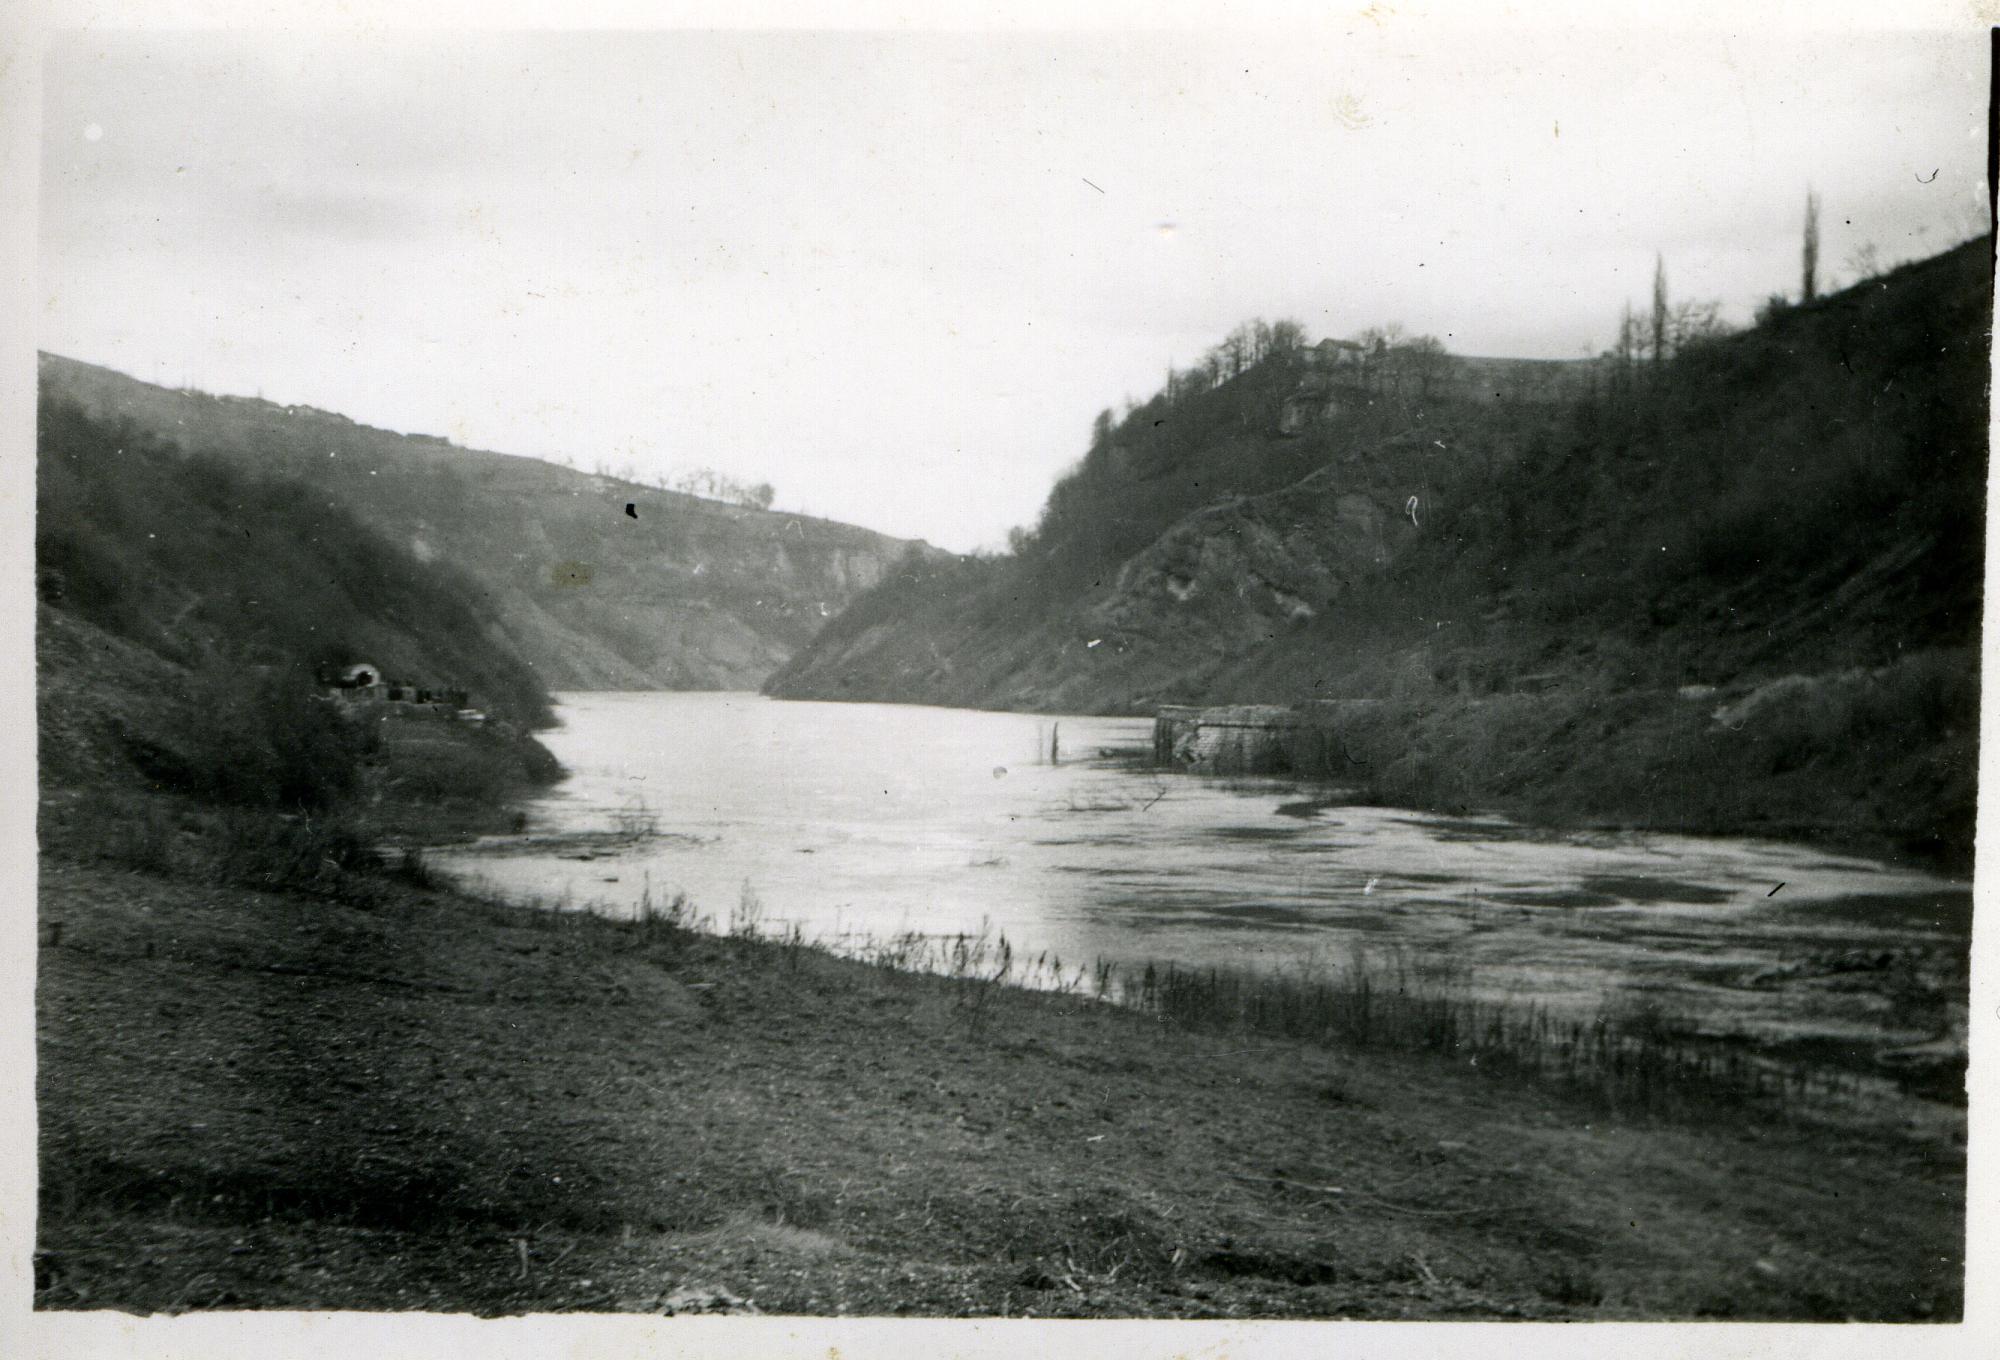 Le pont de Lucey, qui reliait Eloise à Coupy en amont de la perte du Rhône, a également sauté.